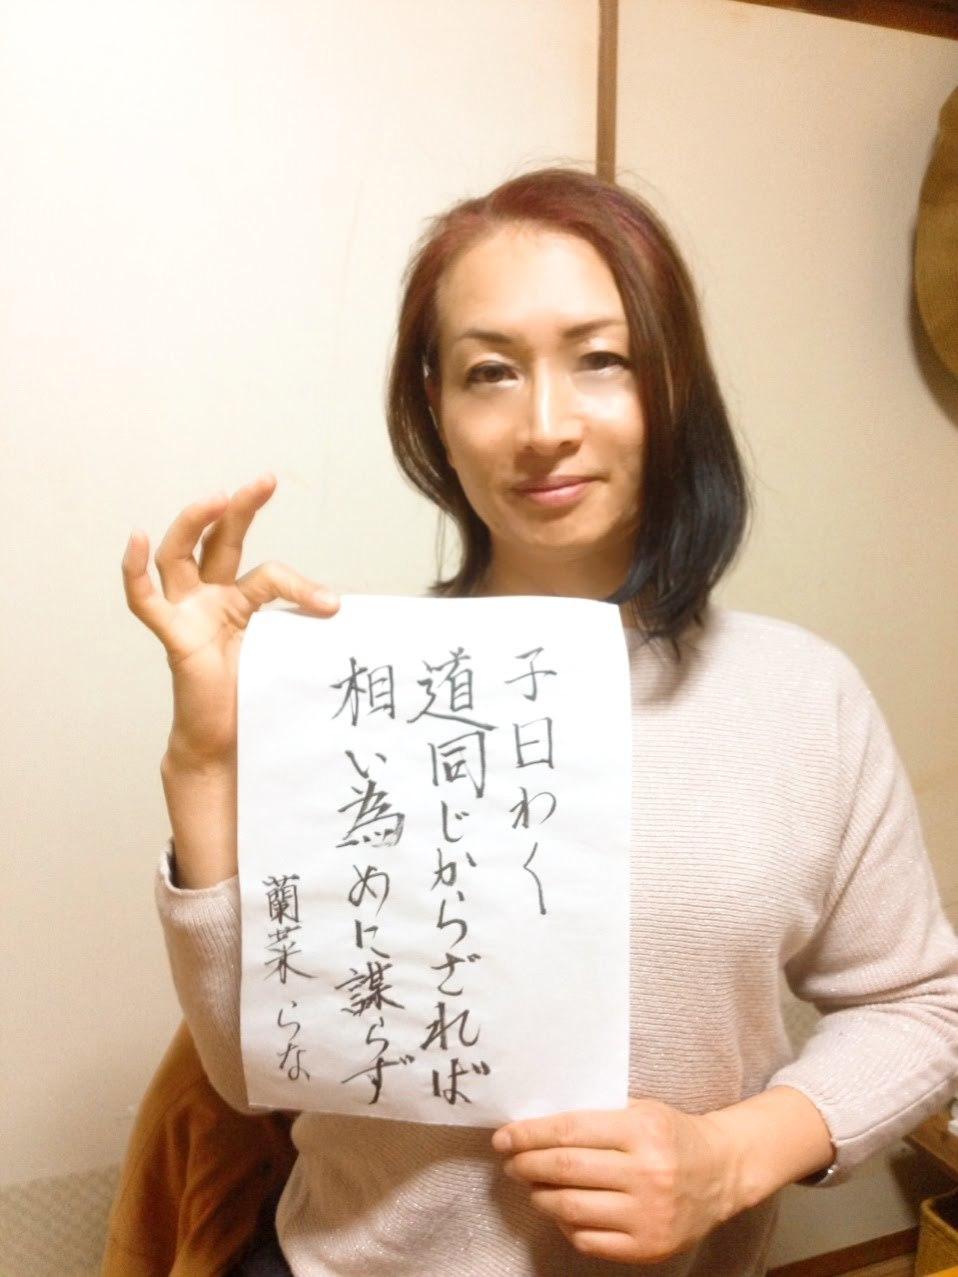 熟女NHヘルス孃マダム舞の袖振り合うも他生の縁|日本語はエロくて美しい